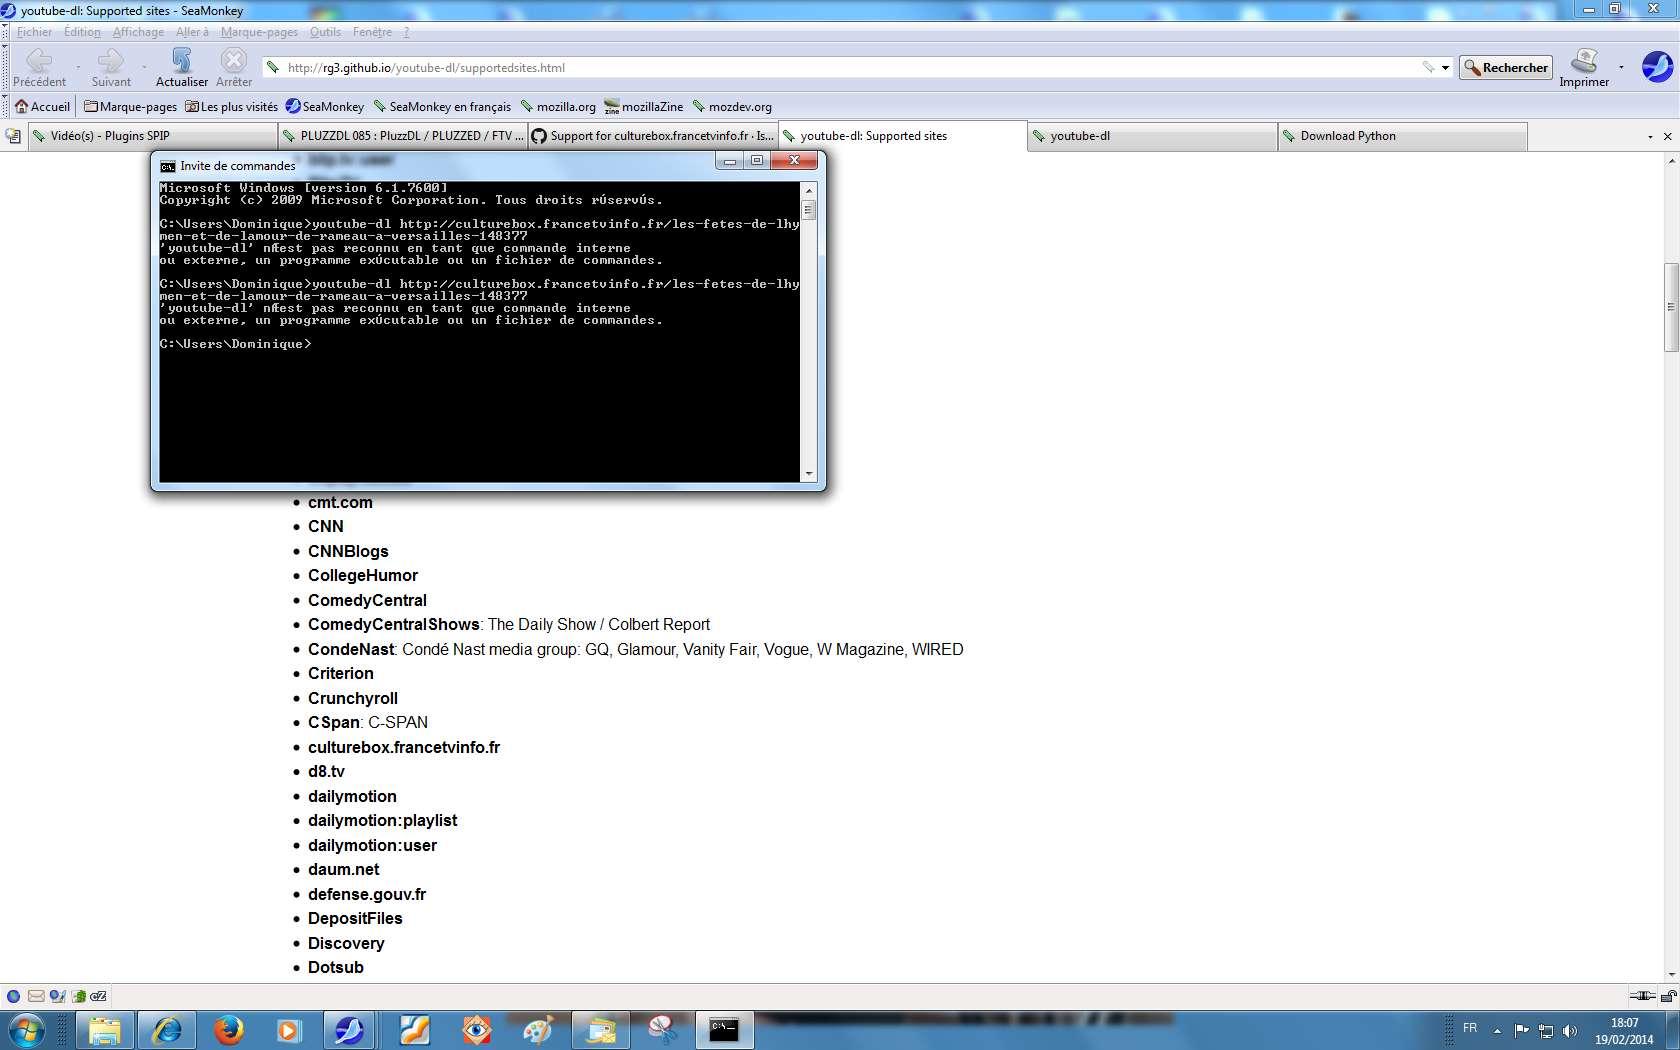 youtube-dl not valid windows 7 program · Issue #2410 · ytdl-org